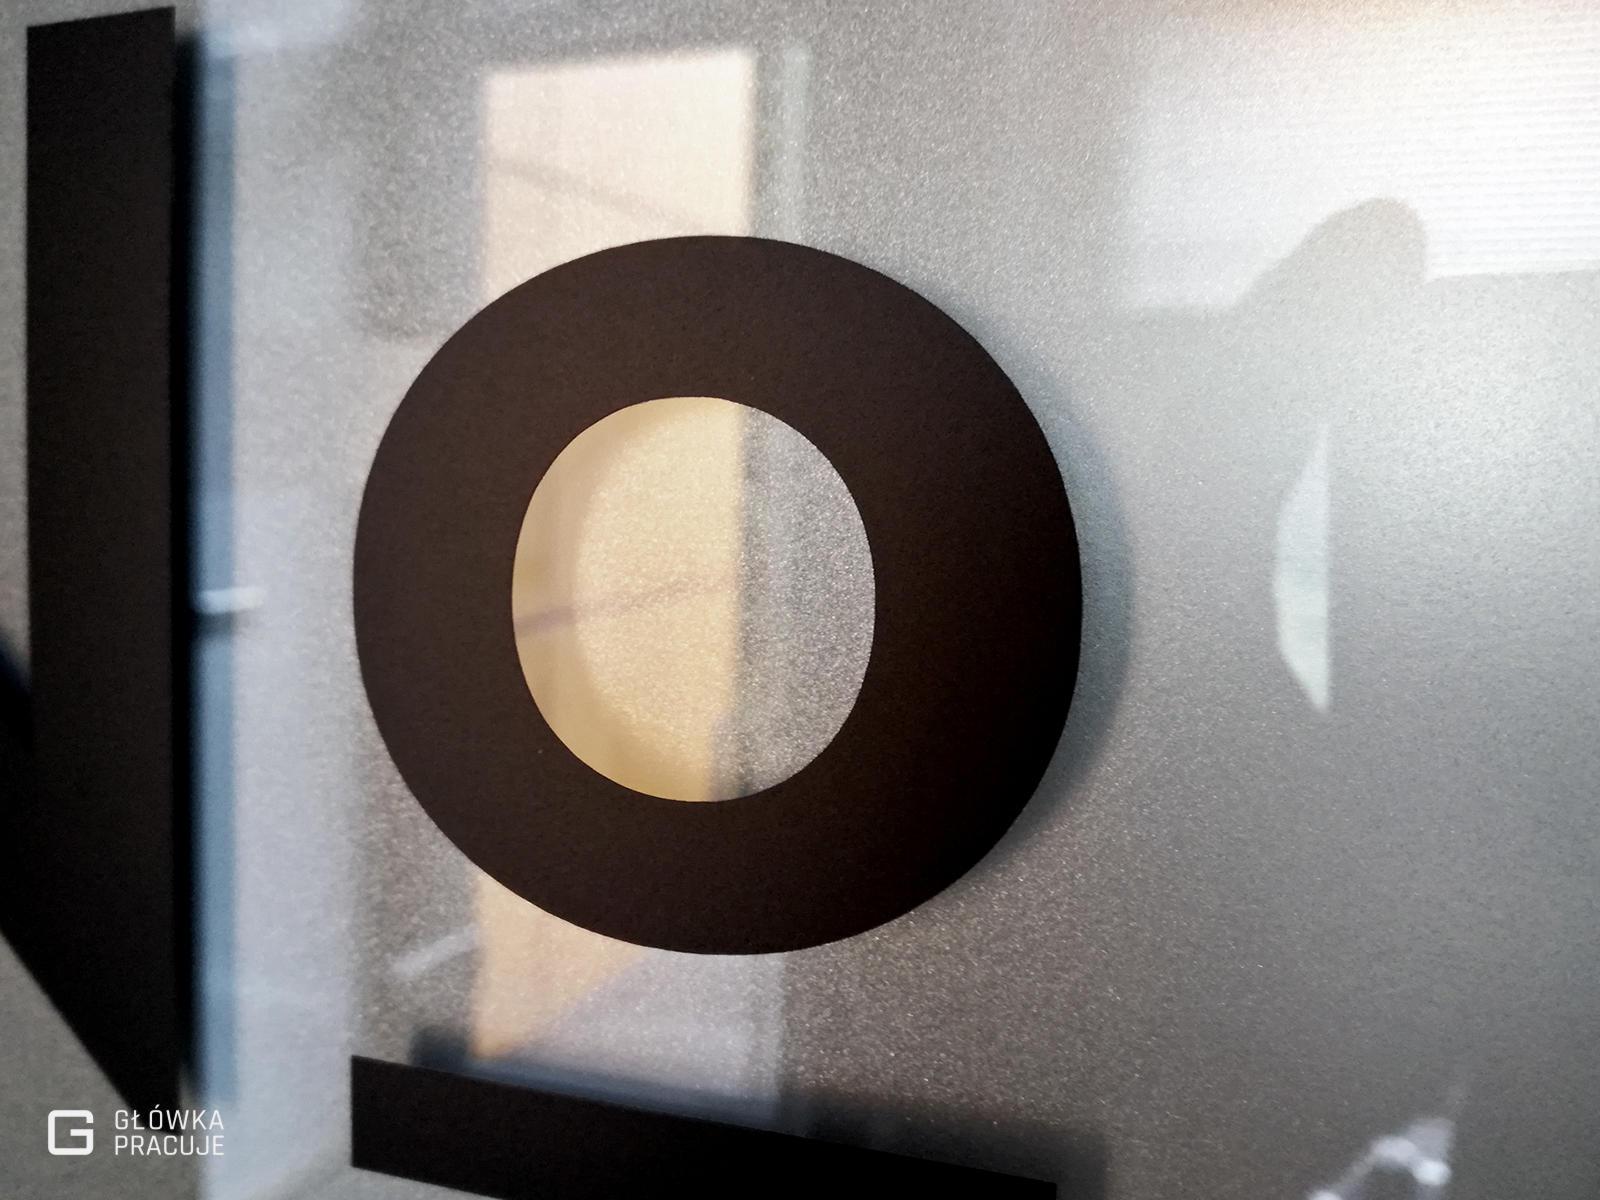 Główka Pracuje pl Number Coffee logotyp wycięty z czarnej folii naklejony na szklane drzwi z matową folią